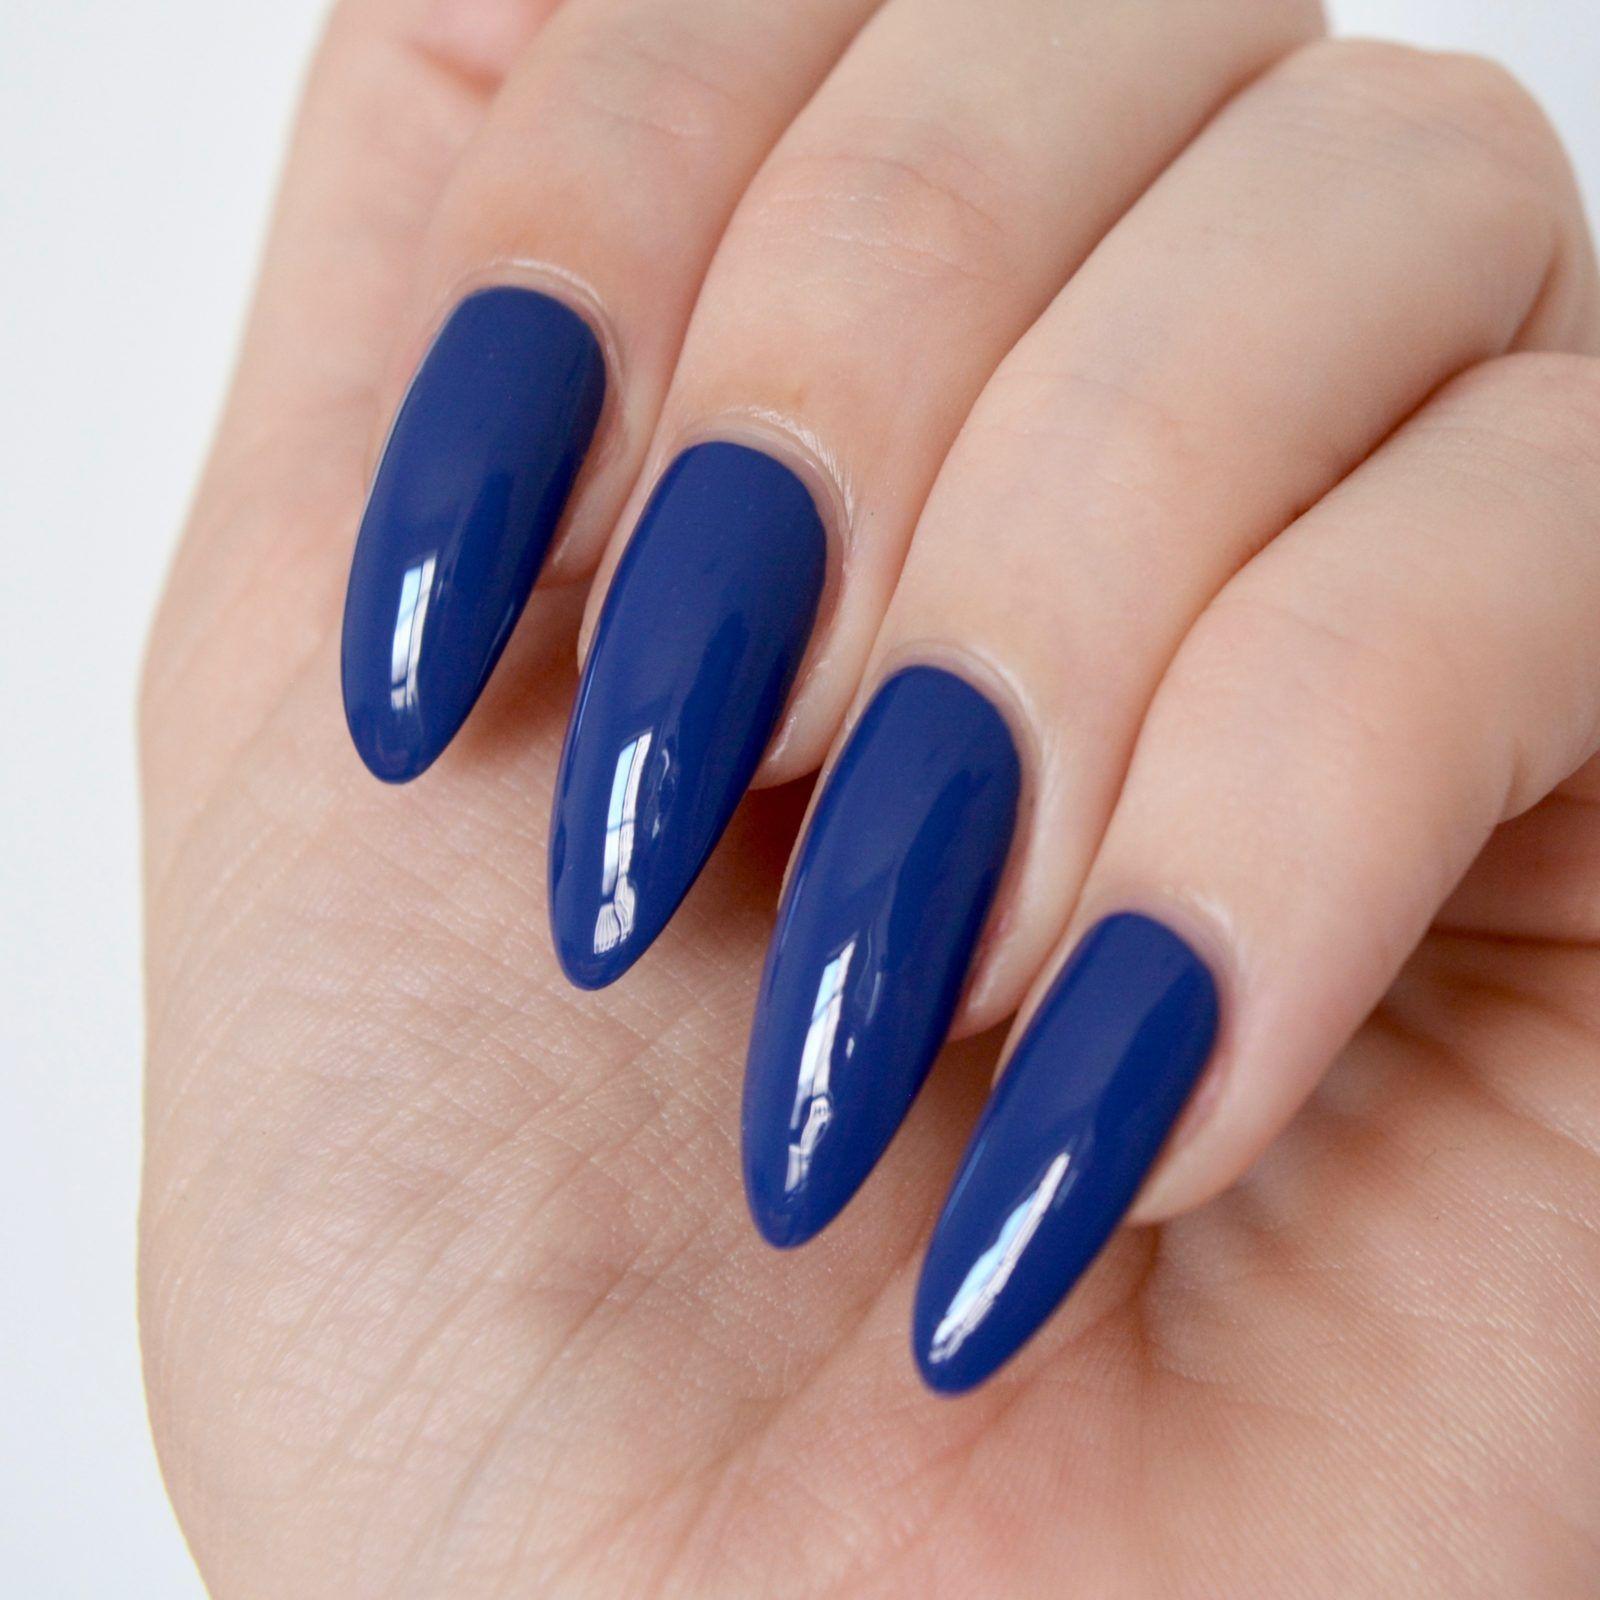 essie Spring 2017 \'all the wave\' - rich sapphire blue nail polish ...